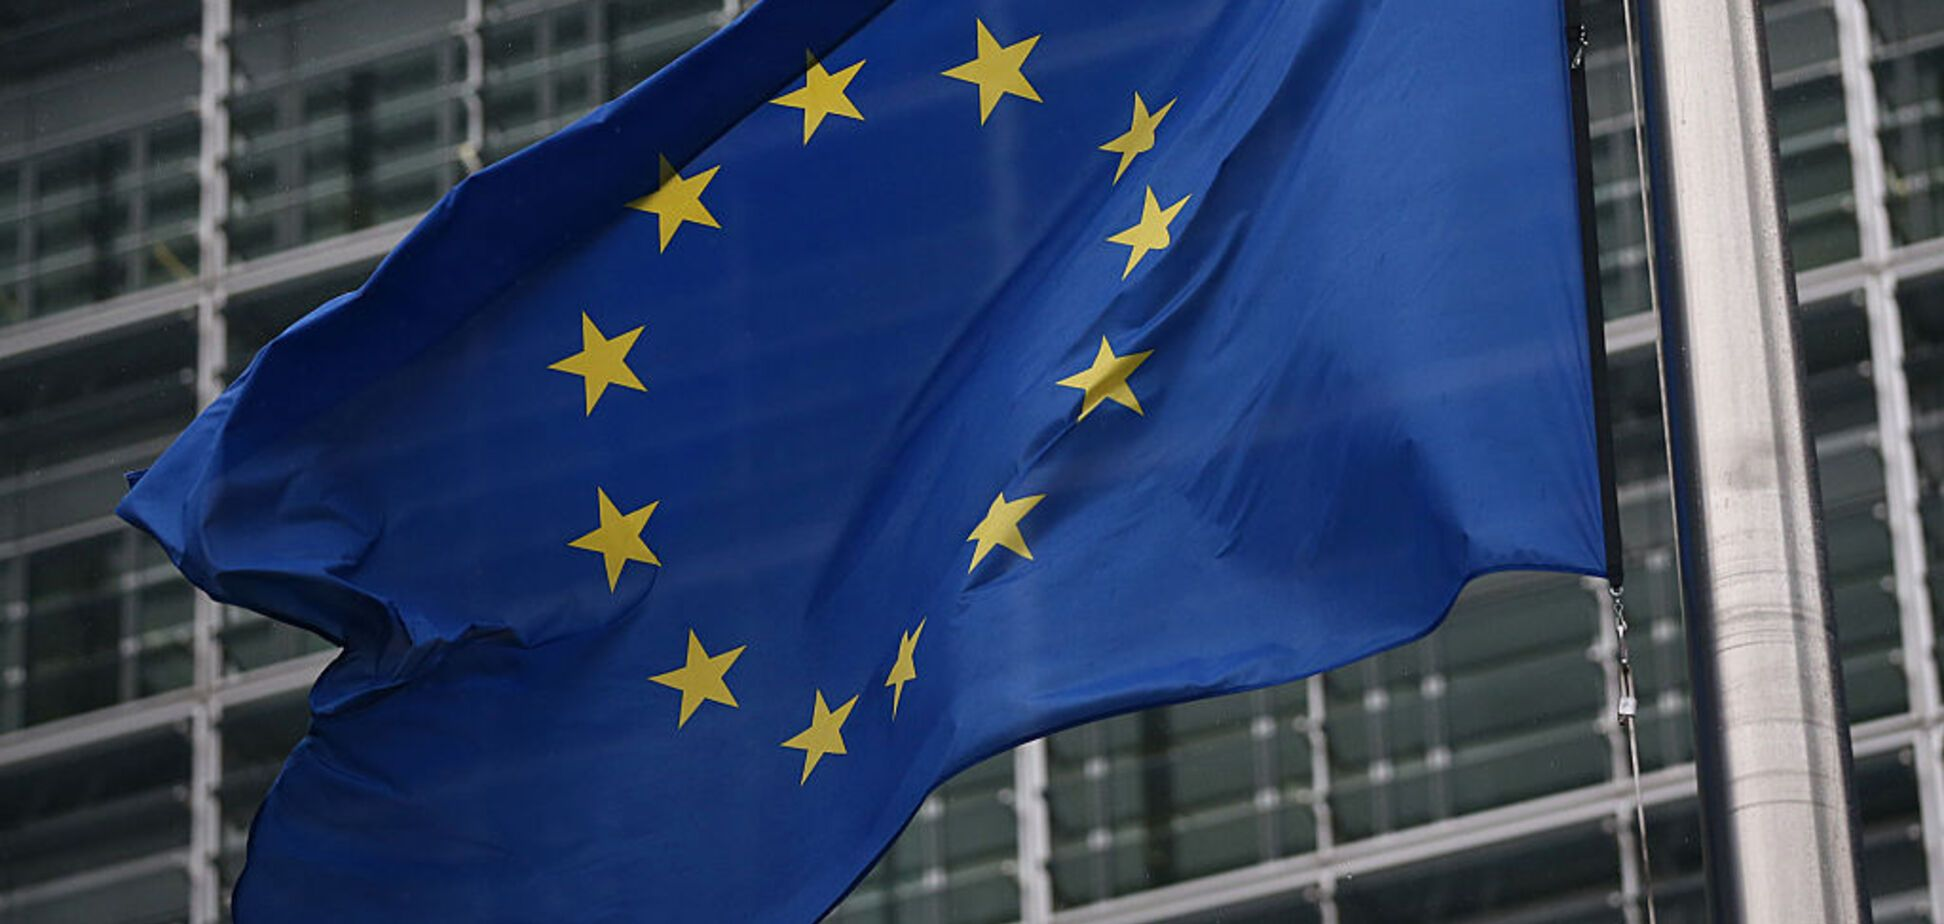 Активи заморожені: в ЄС зробили уточнення щодо санкцій проти Клюєва